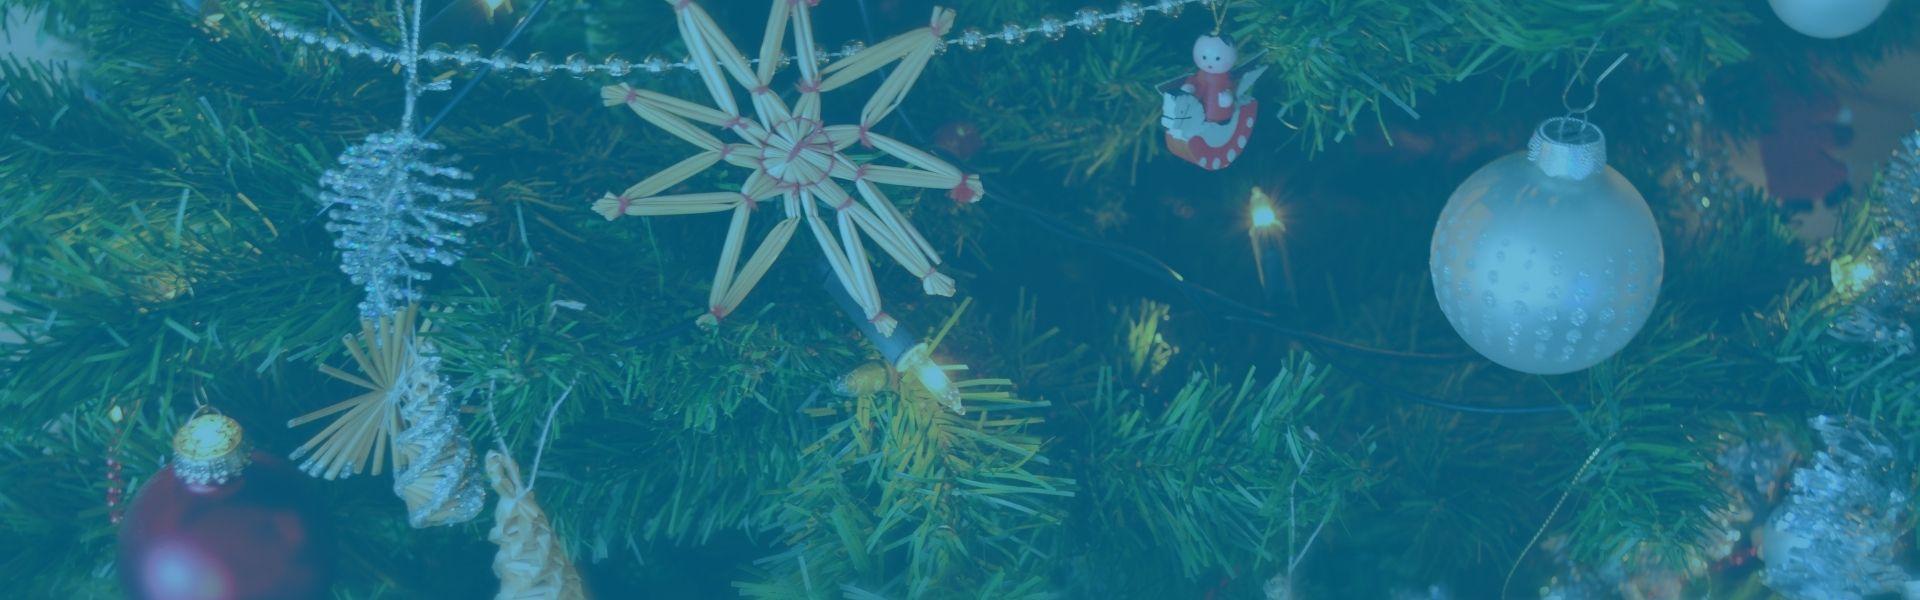 Marketing campagnes om te pieken tijdens de feestdagen!